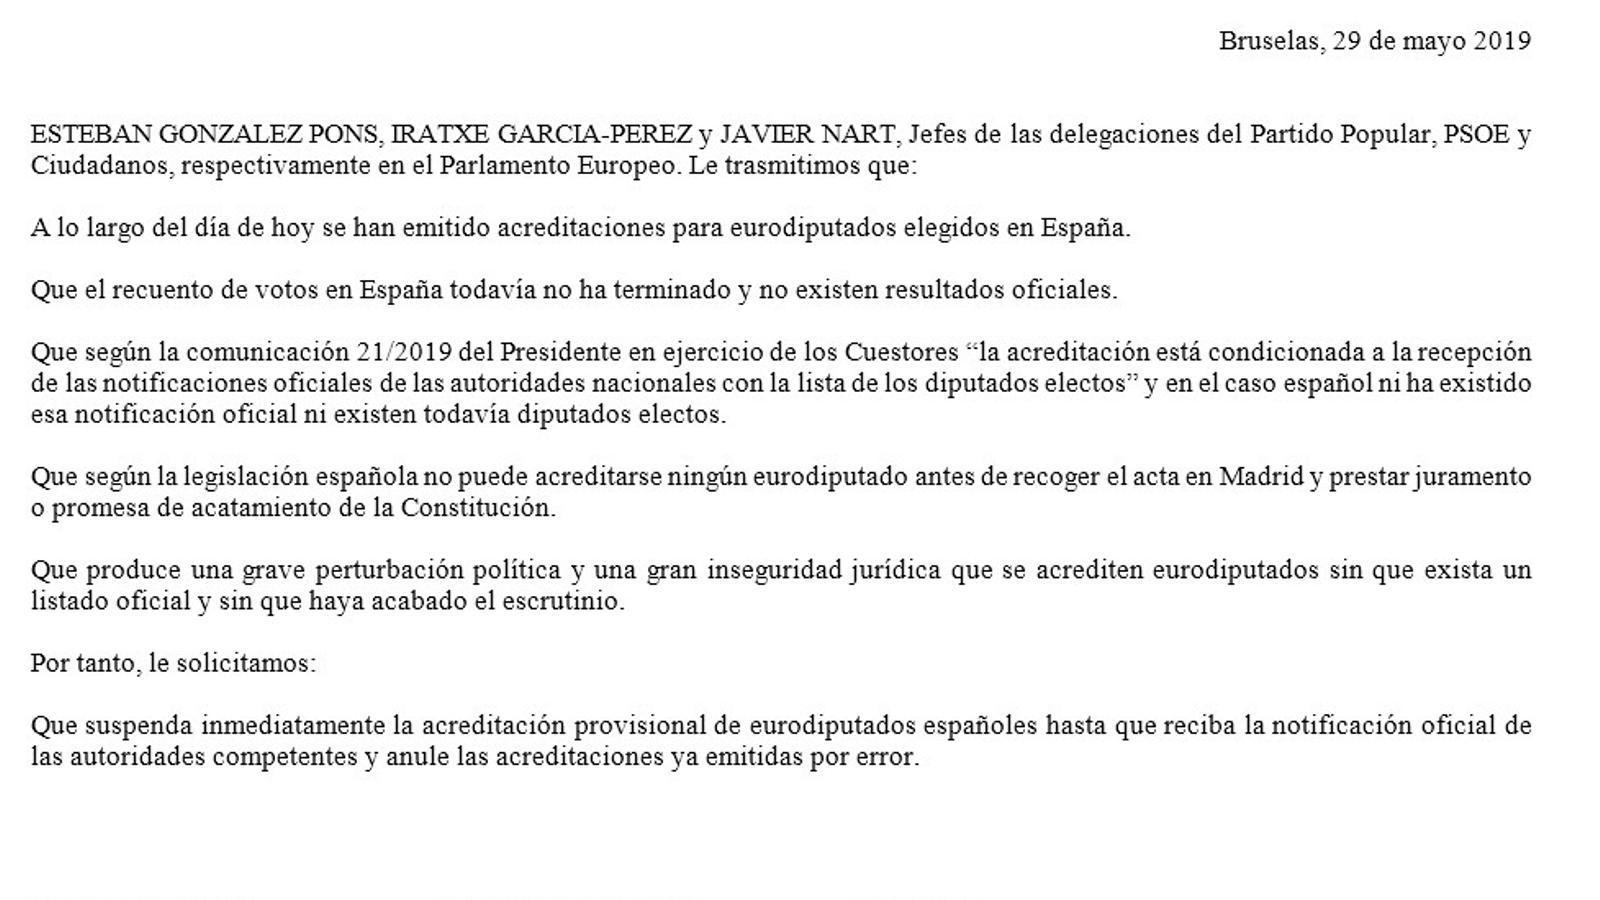 L'Eurocambra impedeix l'entrada de Puigdemont i Comín fins que no tinguin l'acta d'eurodiputat